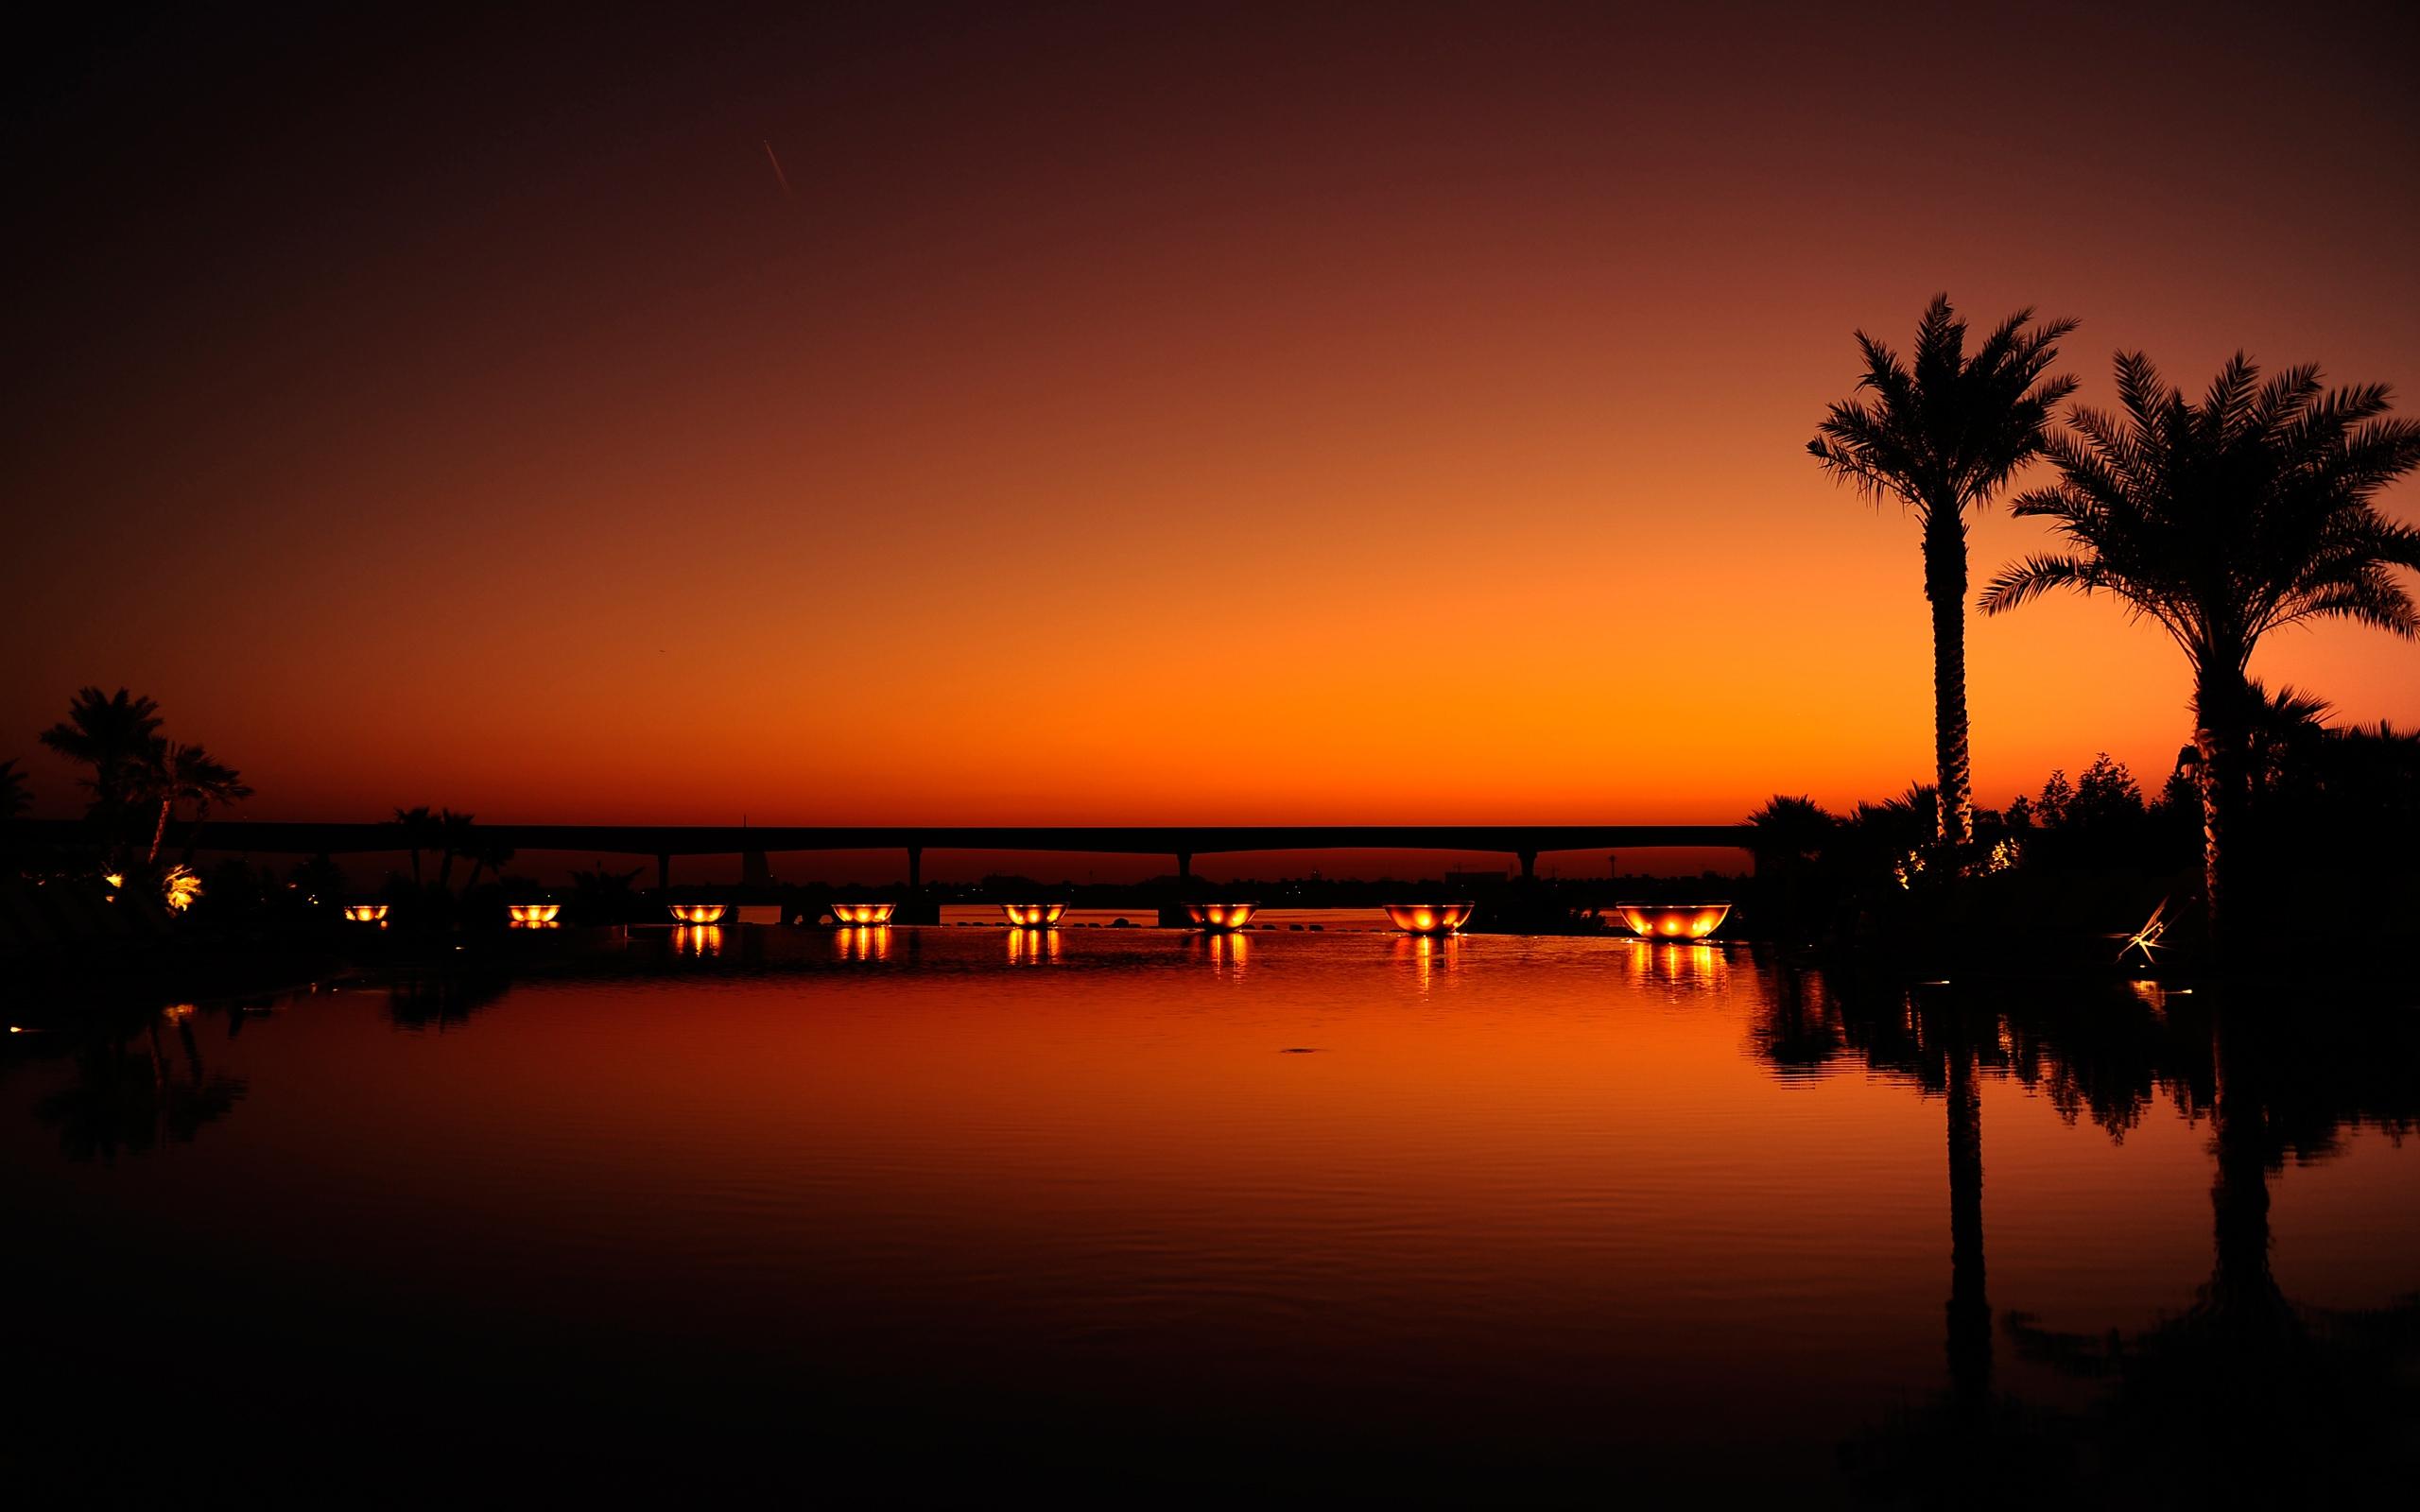 Закат солнца дубай купить дом в торонто канада